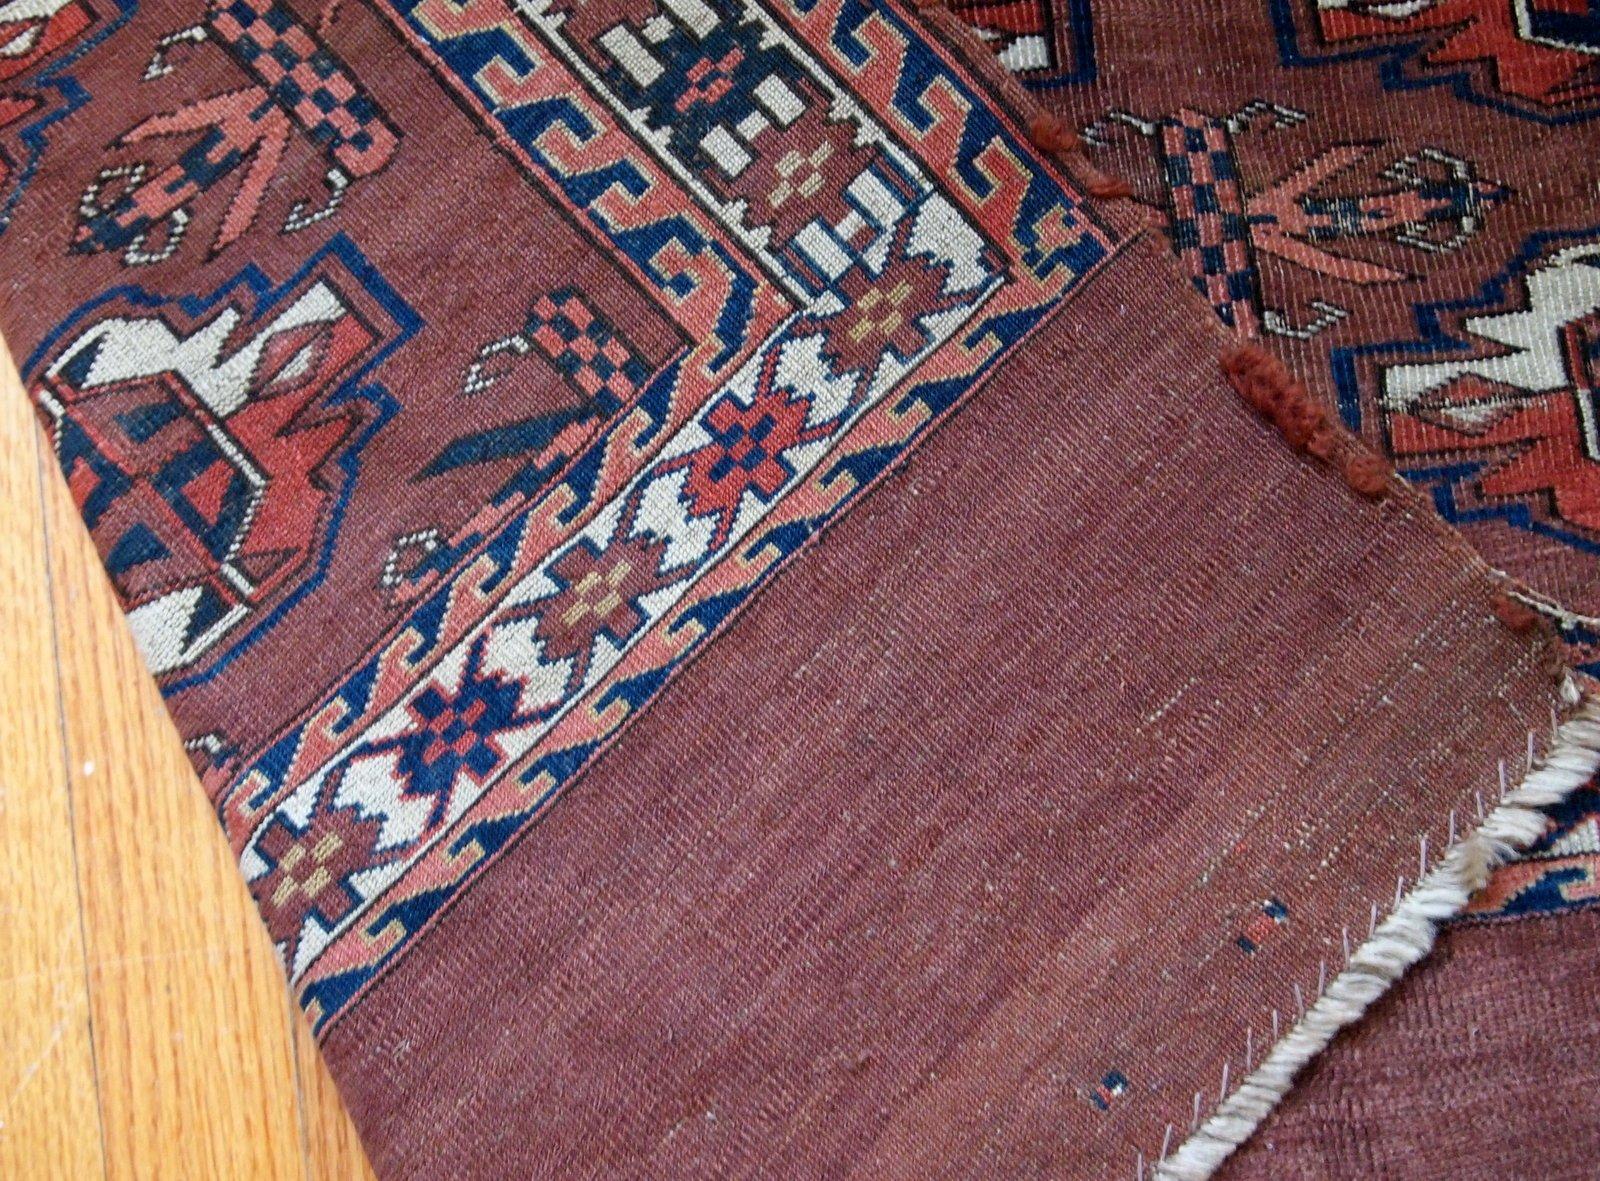 Alfombra yomud turkmena antigua hecha a mano d cada de 1880 en venta en pamono - Alfombras a mano ...